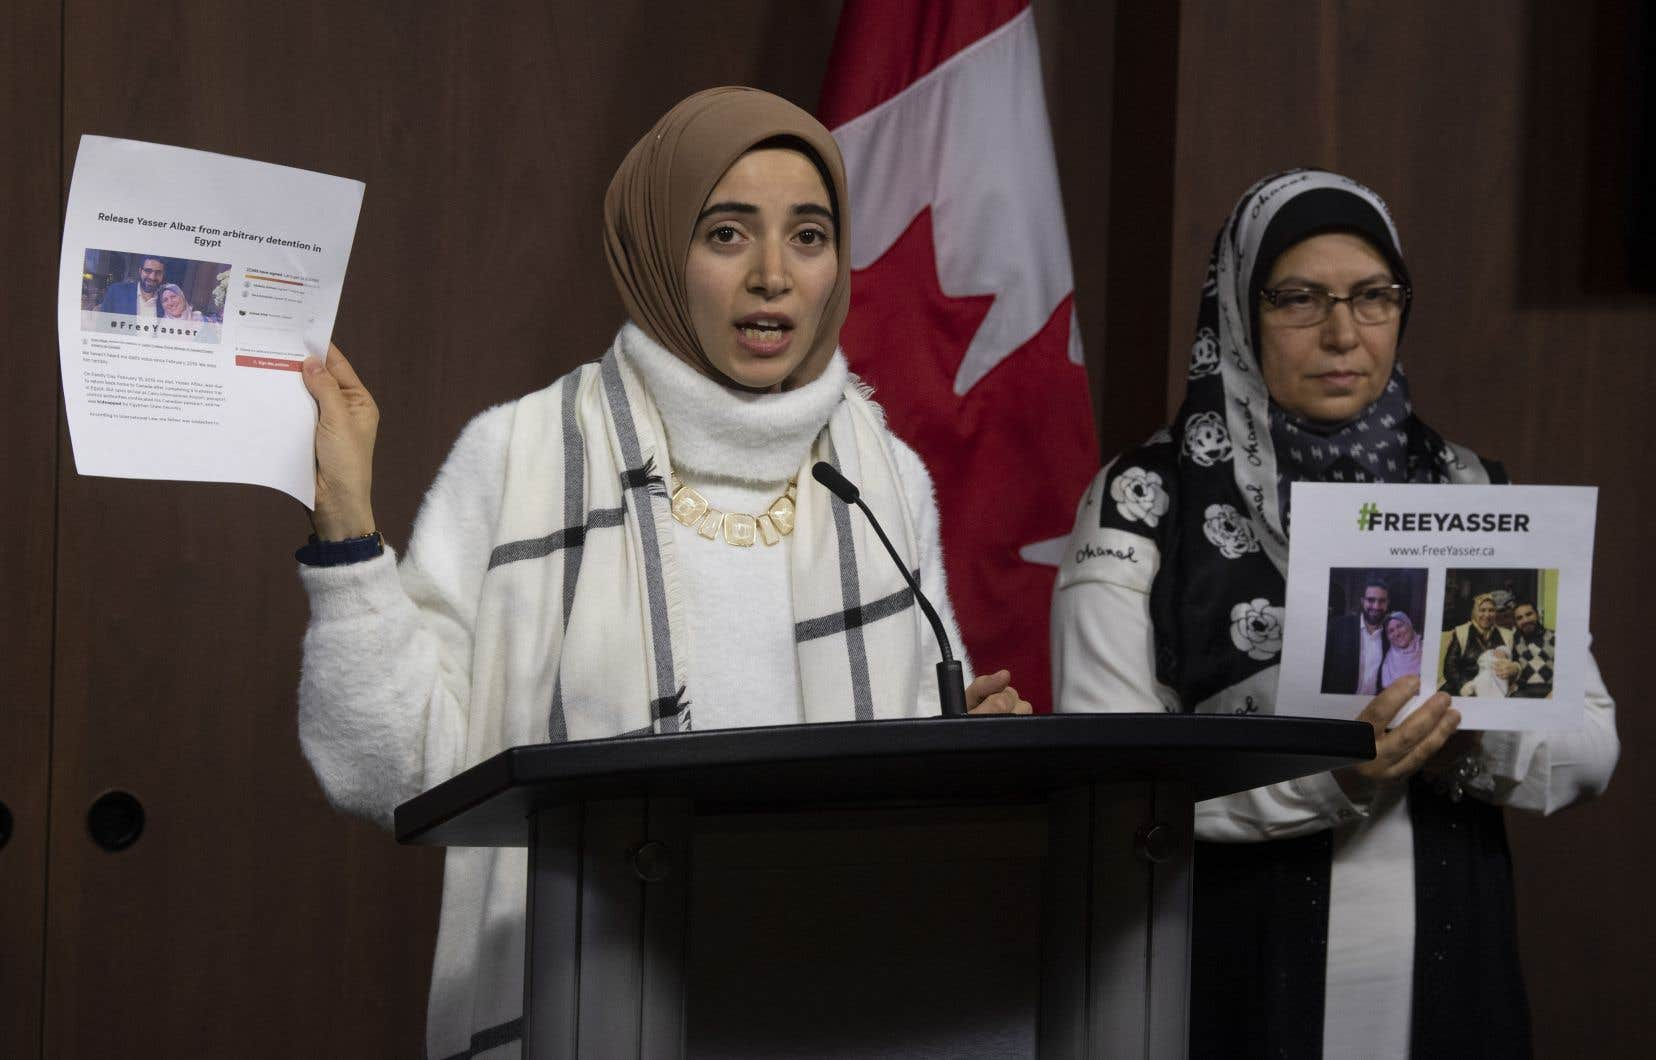 La santé de Yasser Albaz s'est récemment détériorée «et notre priorité va être de lui trouver le traitement médical dont il a grandement besoin», a indiqué sa fille Amal Ahmed Albaz (au micro). À droite sur la photo se trouve Safaa Eleshmawy, l'épouse de M. Albaz.